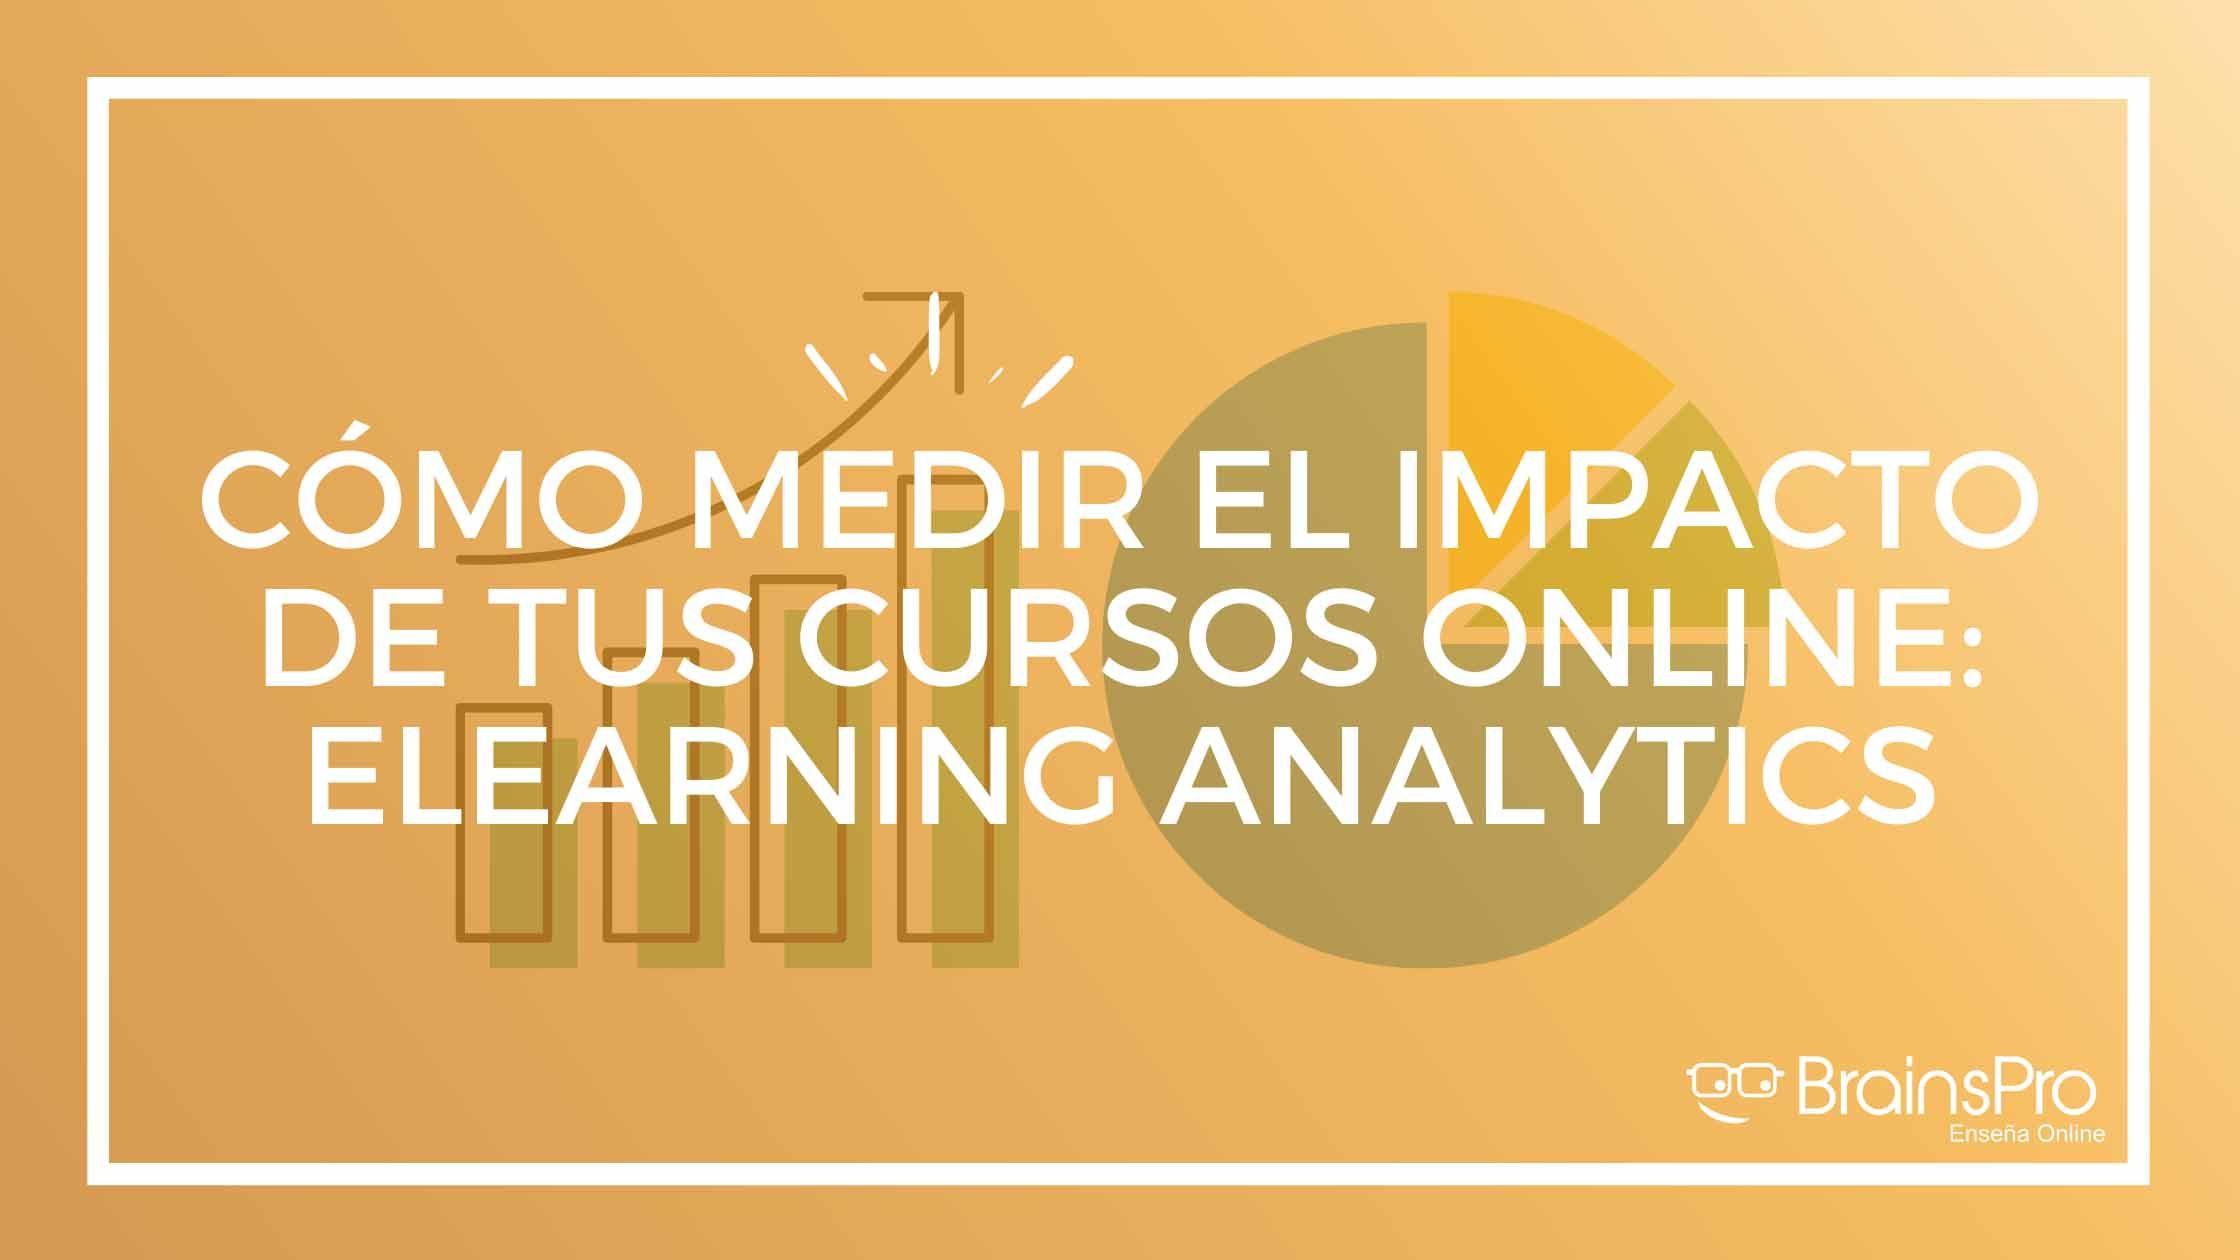 Aprender a medir el impacto de tus cursos online